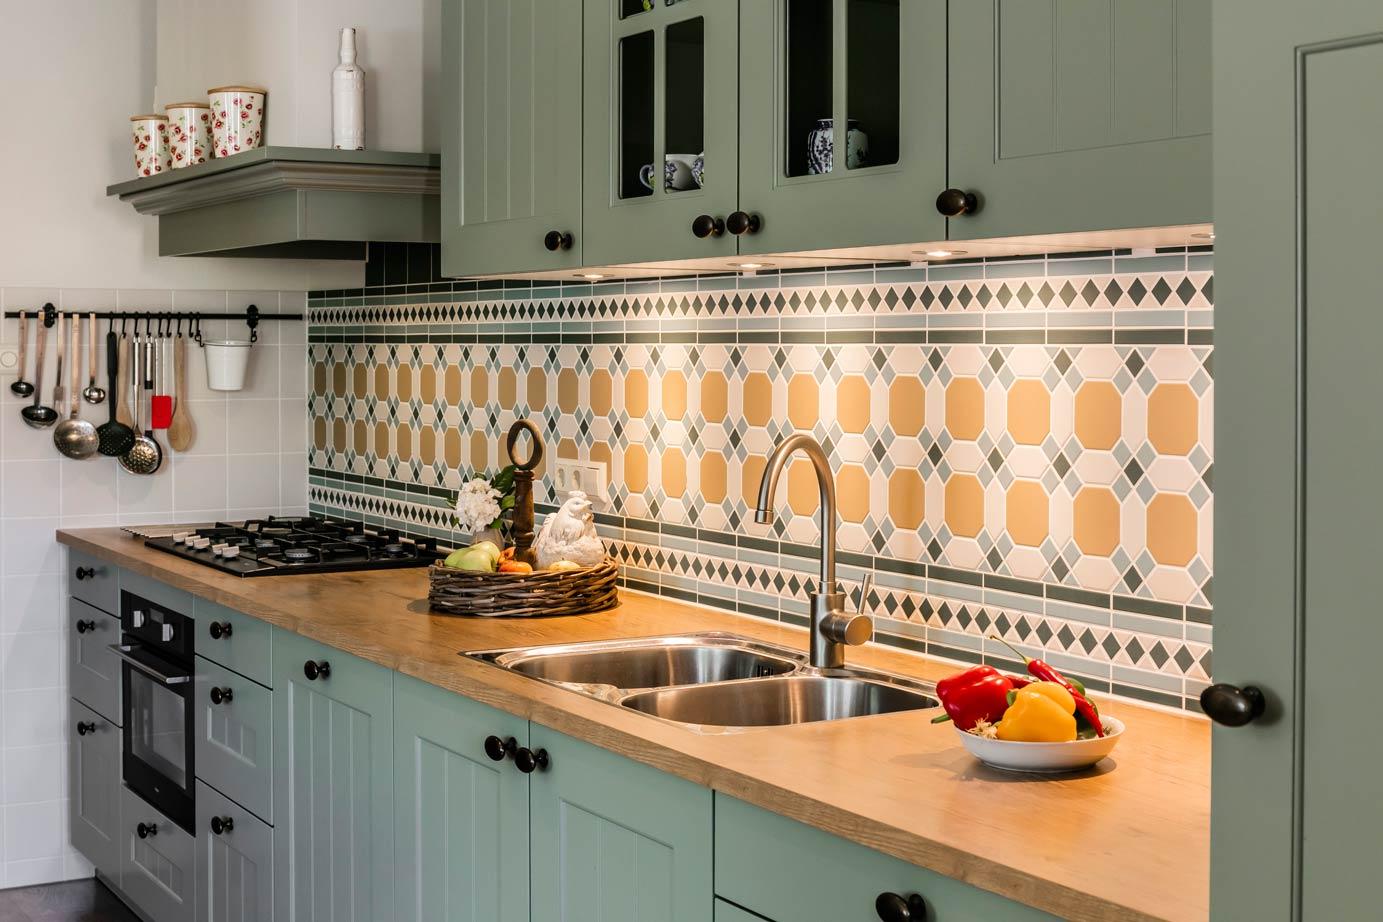 Blauw Keuken Ikea : Olijfgroene keuken ikea keuken ontwerp ikea gehoor geven aan uw